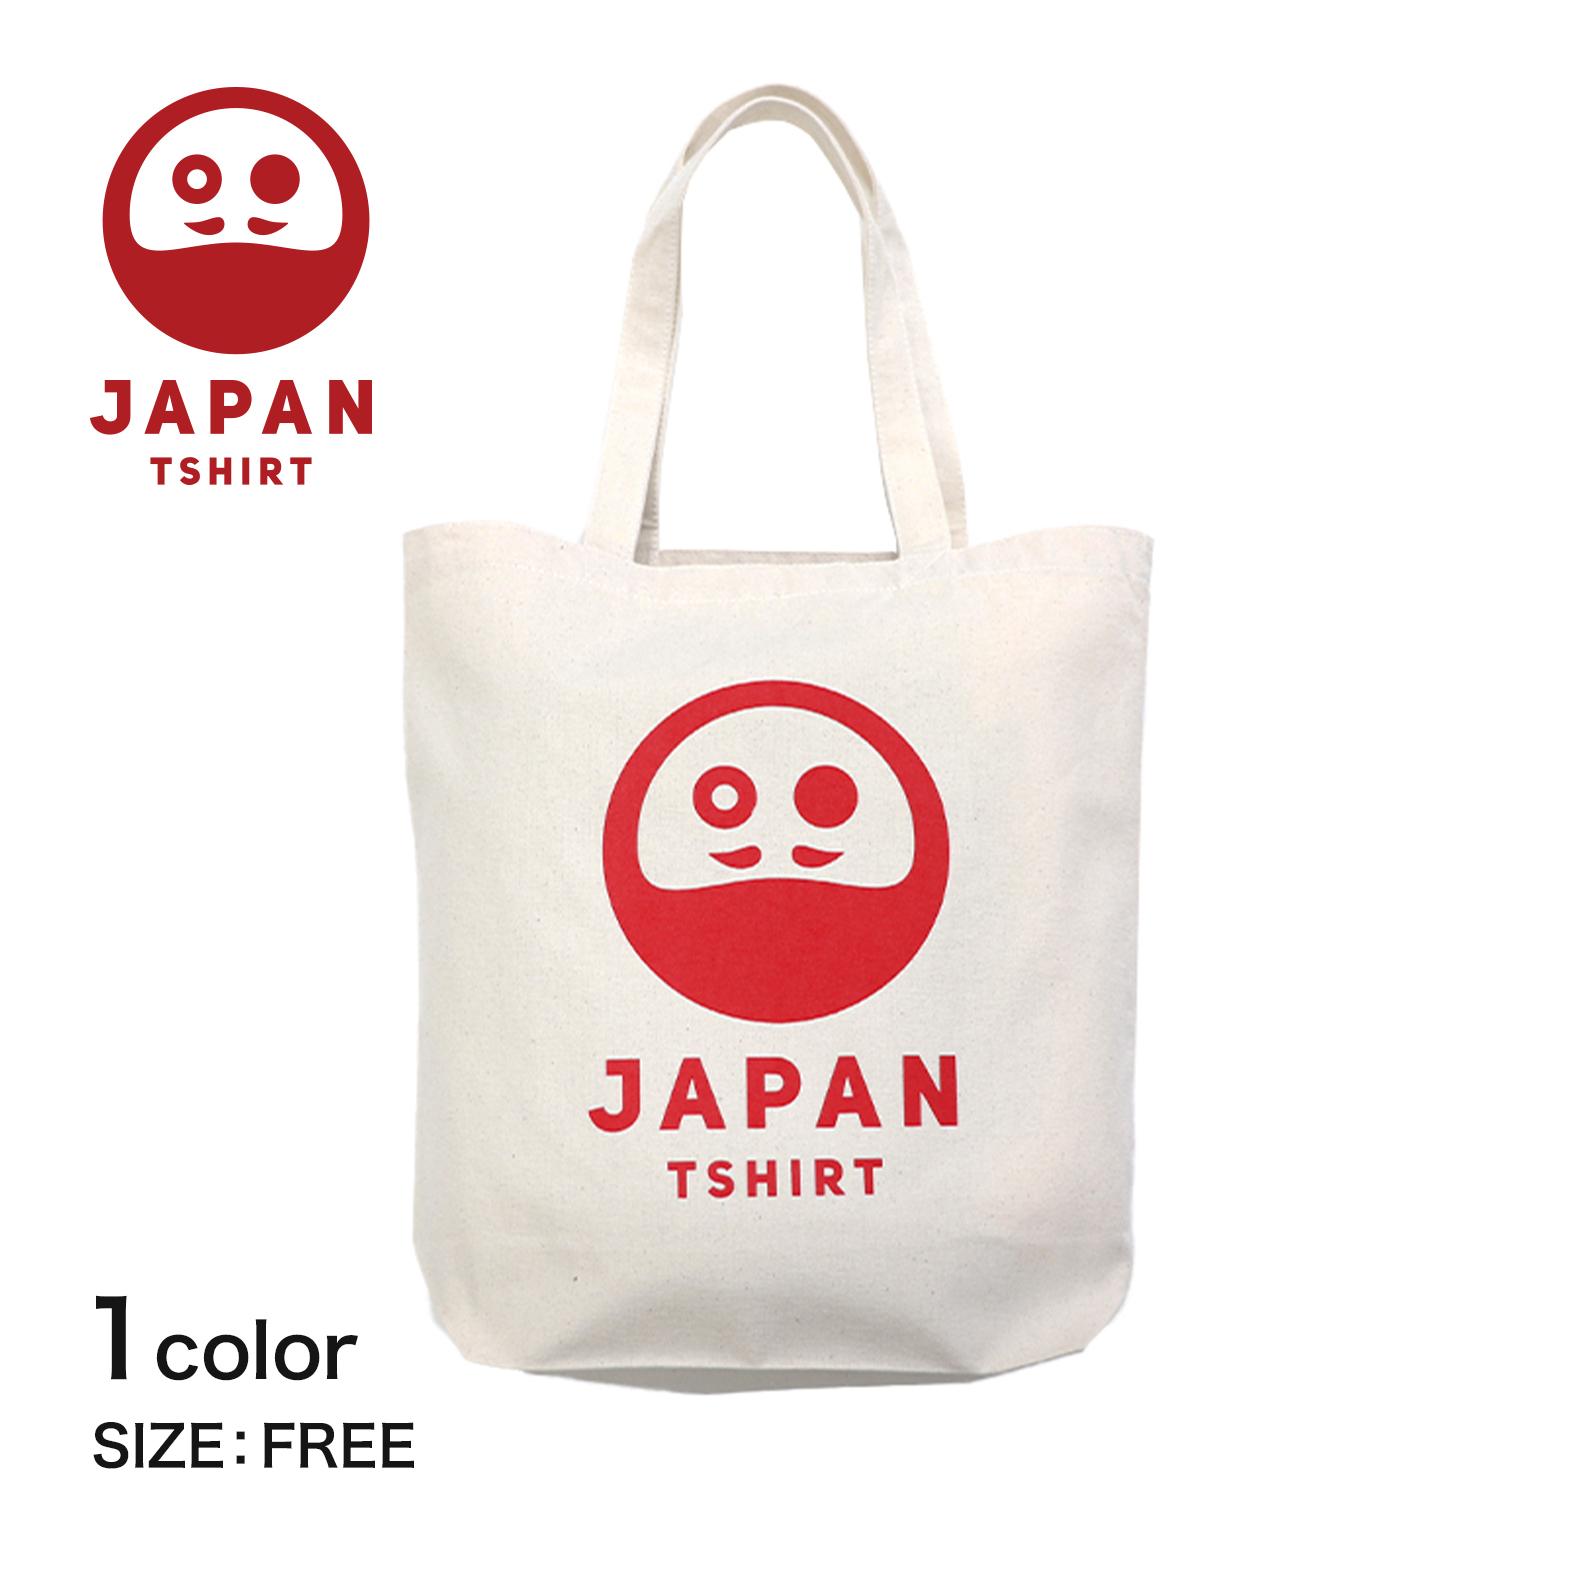 トート バッグ トートバッグ キャンバス デザイン イラスト プリント デザイントート かばん 鞄┃ TSHIRT 和 超激得SALE ダルマ エコバッグ JAPAN 日本 送料無料でお届けします ロゴ ダルマロゴ 和柄 ナチュラル